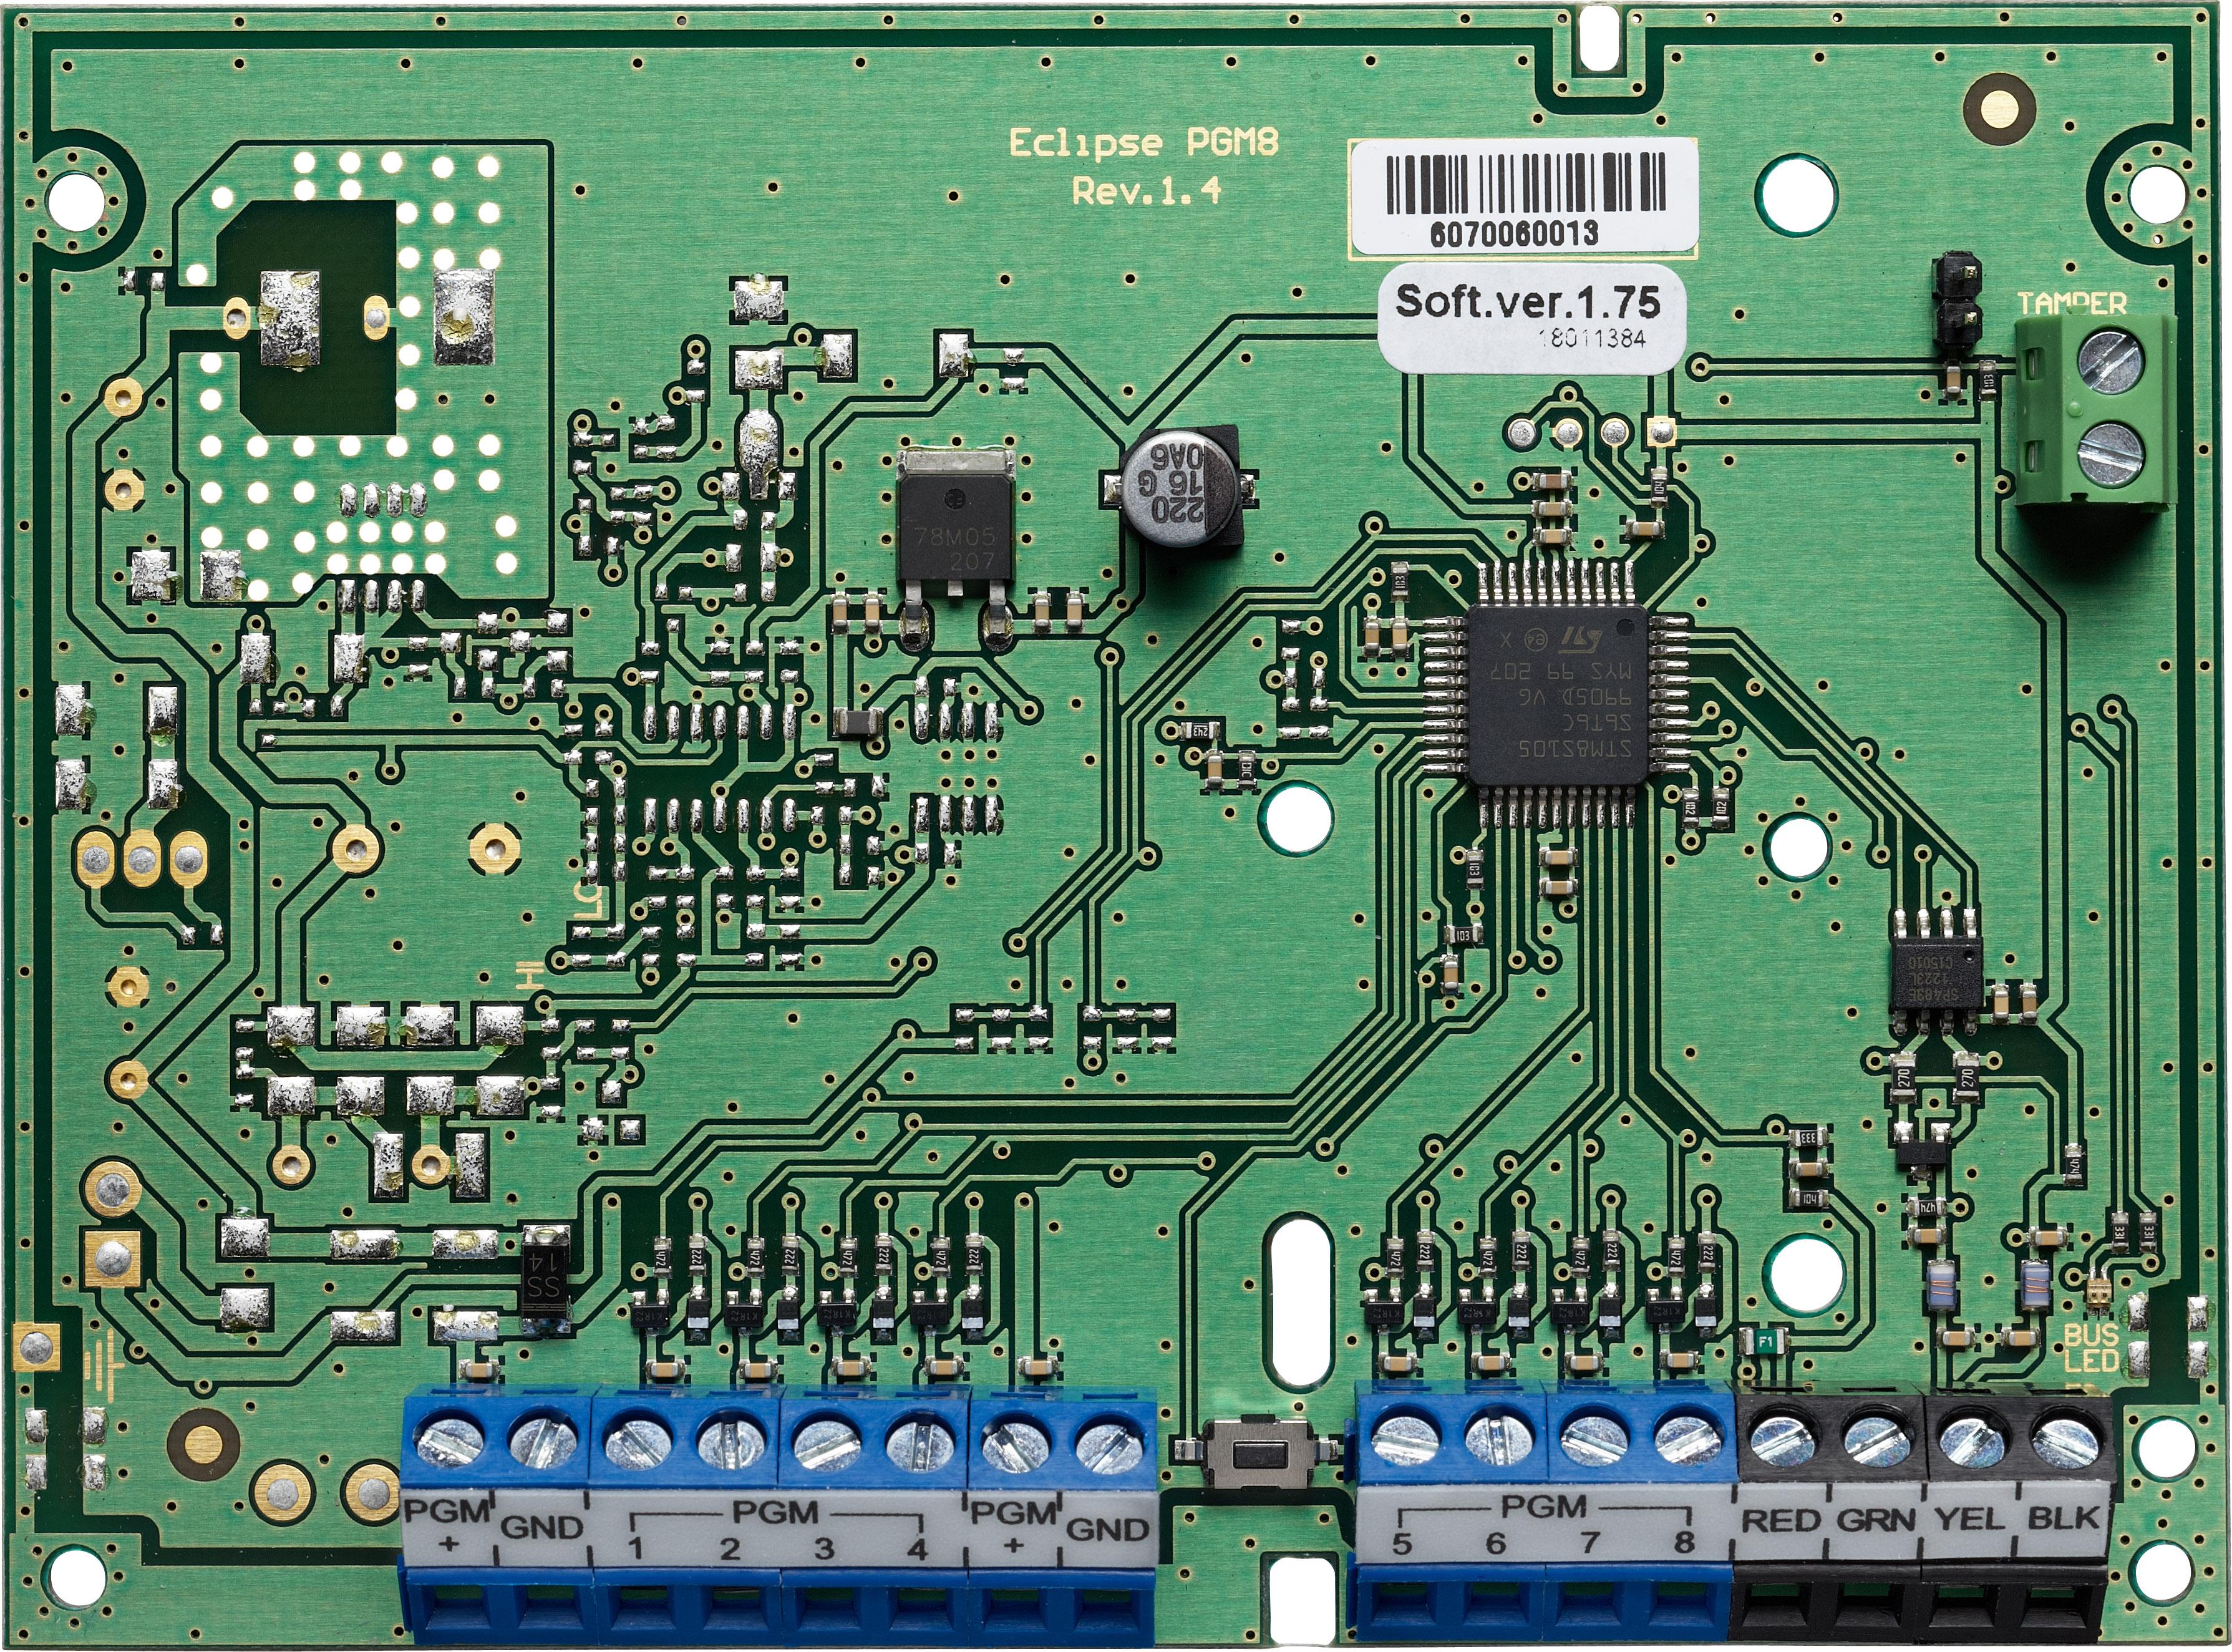 Eclipse PGM 8 - PGM Expander Module - Teletek electronics